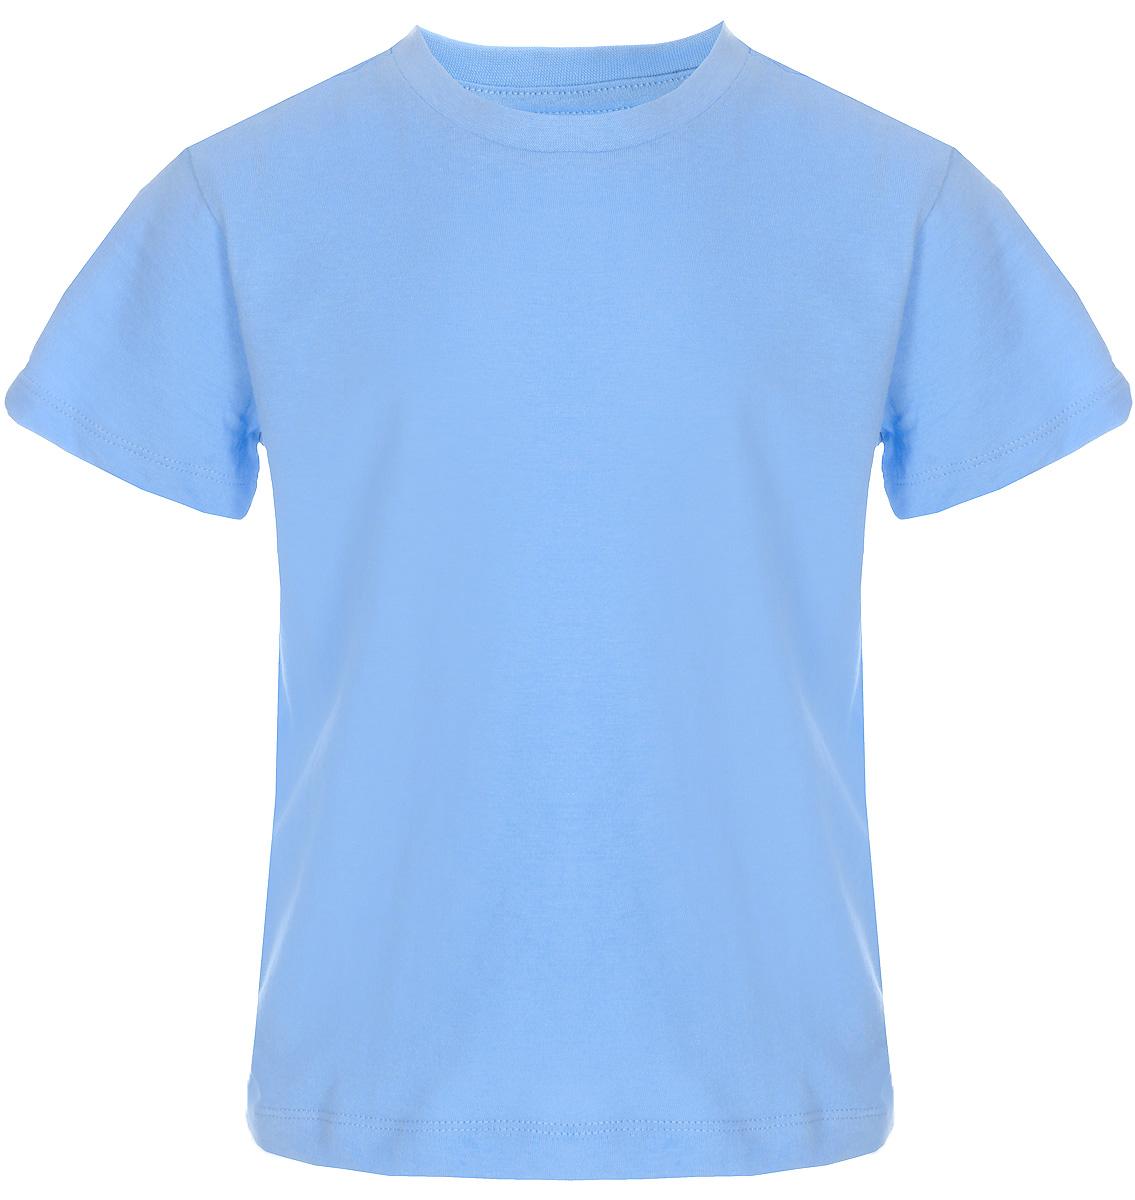 Футболка для мальчика Sela, цвет: голубой. Ts-711/533-8223. Размер 104Ts-711/533-8223Футболка для мальчика Sela выполнена из натурального хлопка. Модель с круглым вырезом горловины и короткими рукавами.